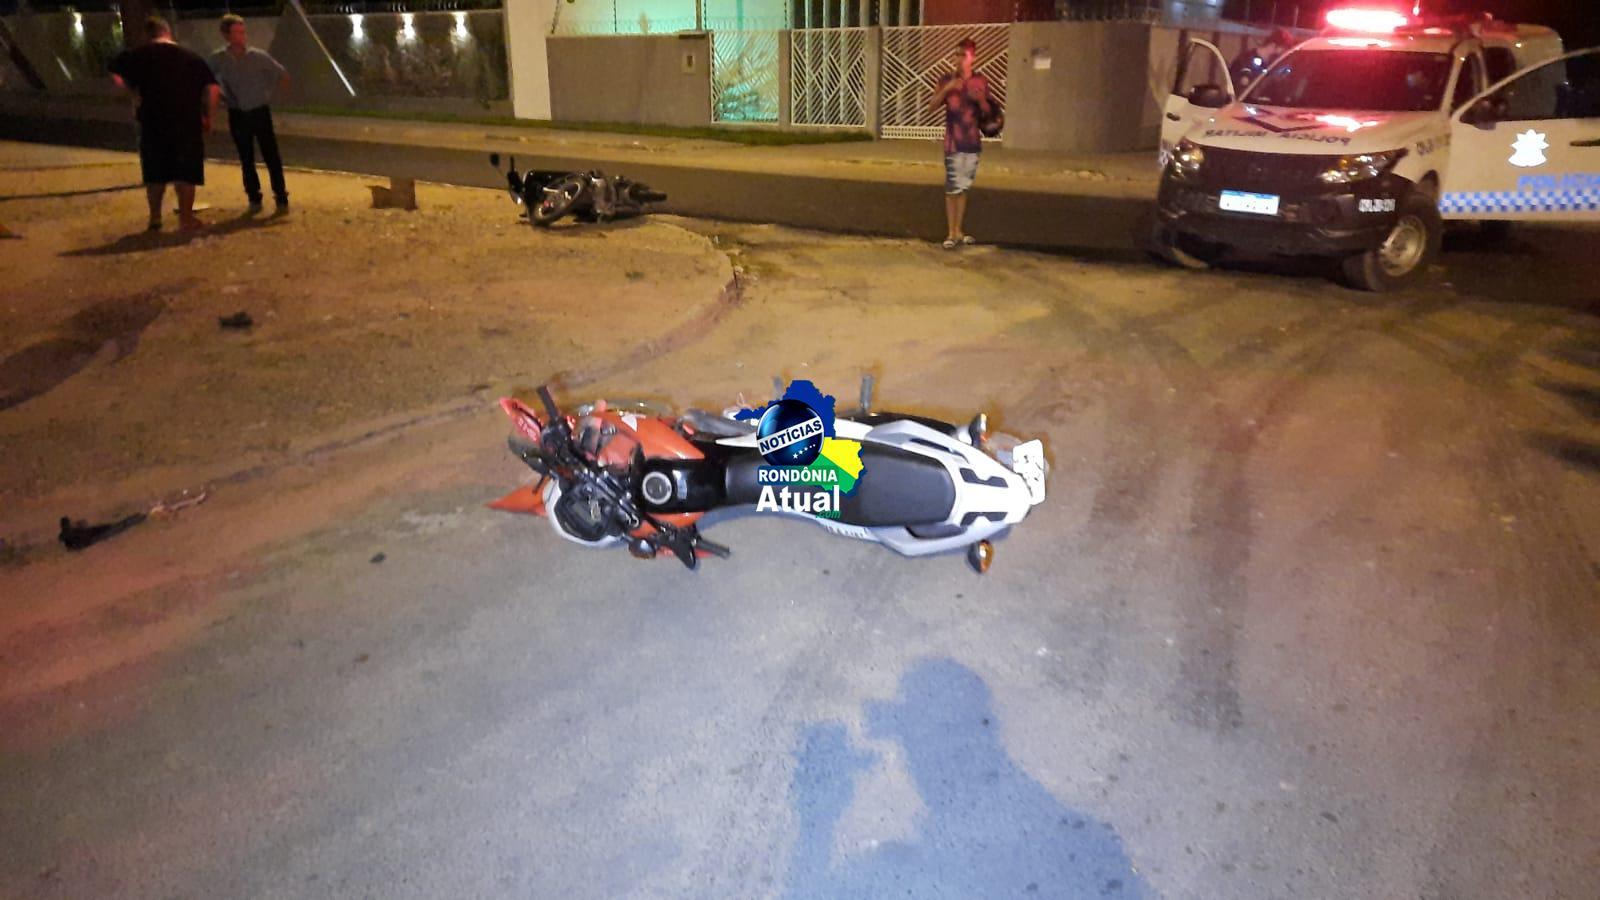 Jovem sofre fratura exposta em colisão entre motocicletas no T-20, em Ji-Paraná